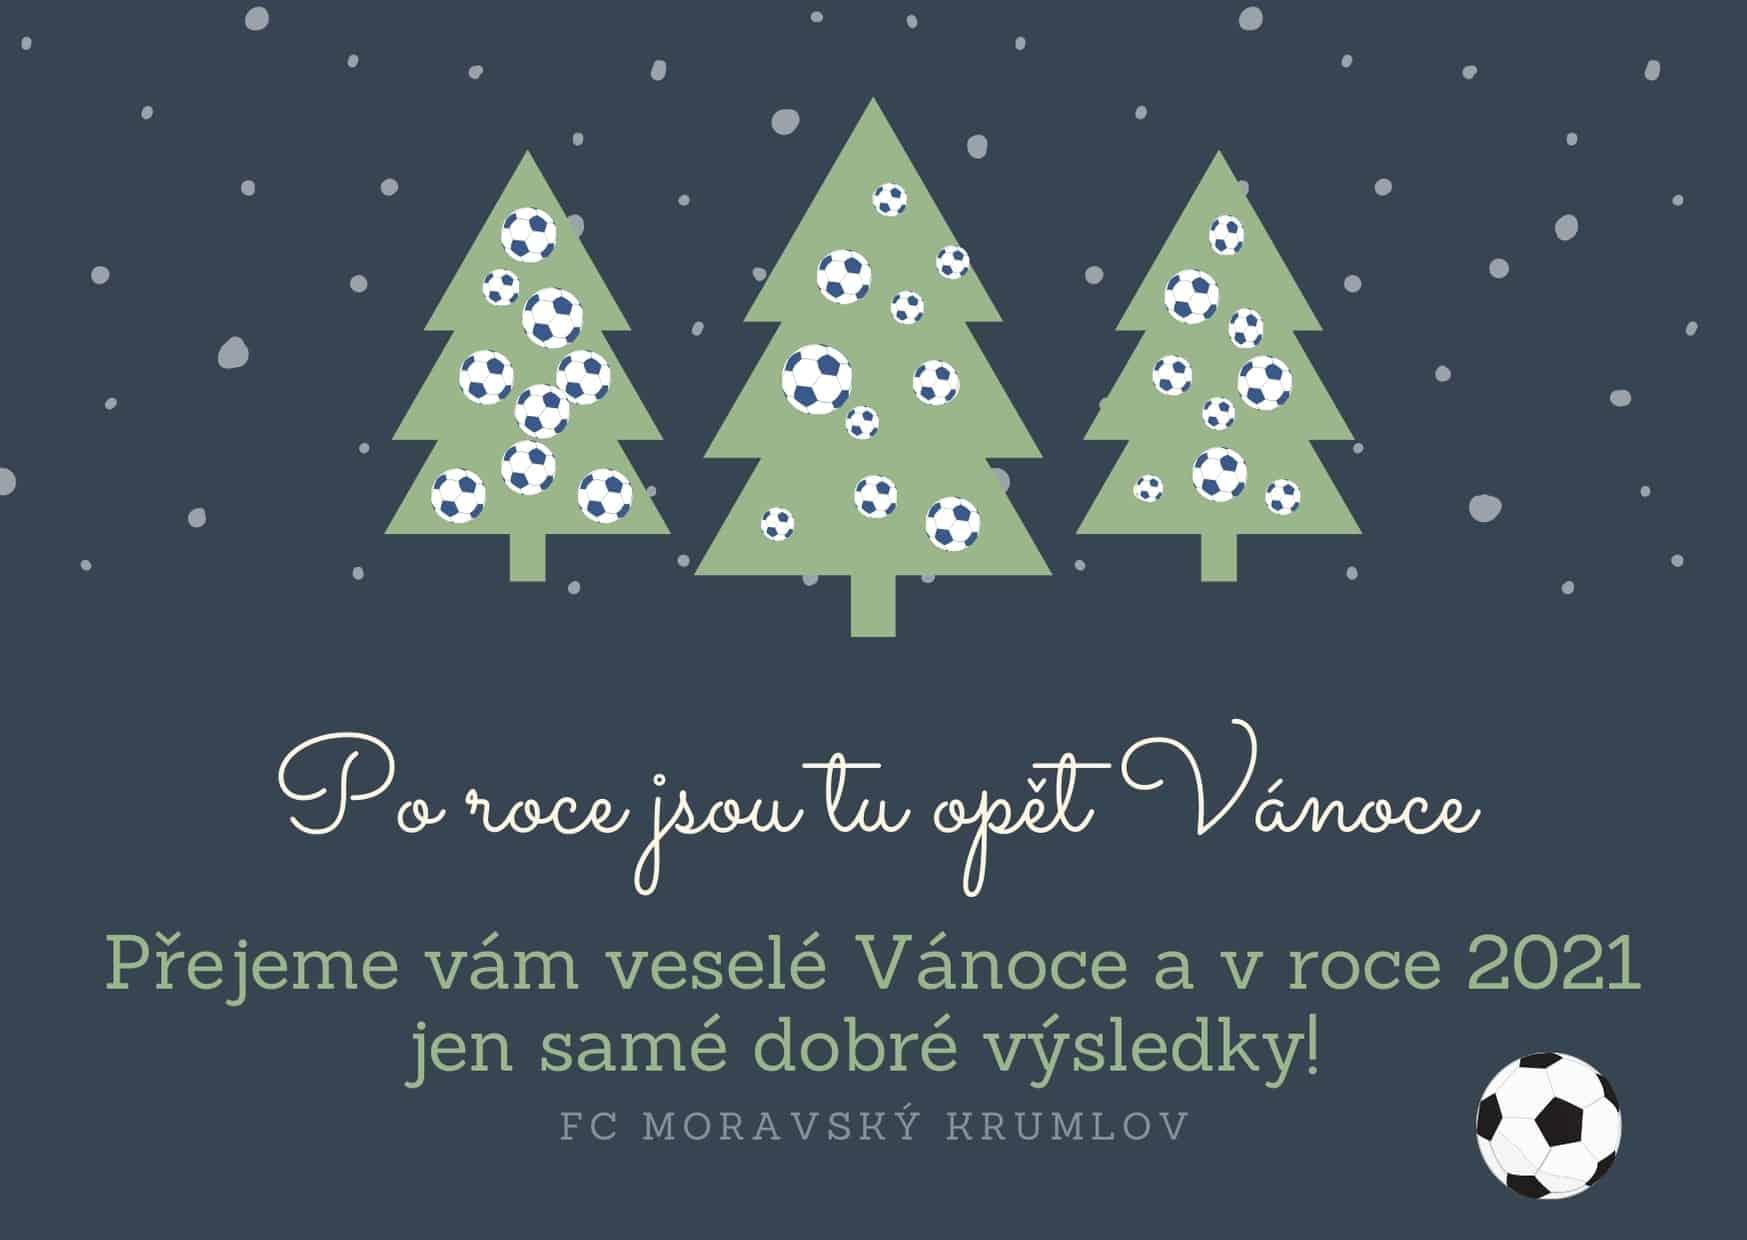 FCMK přeje krásné a pohodové Vánoce